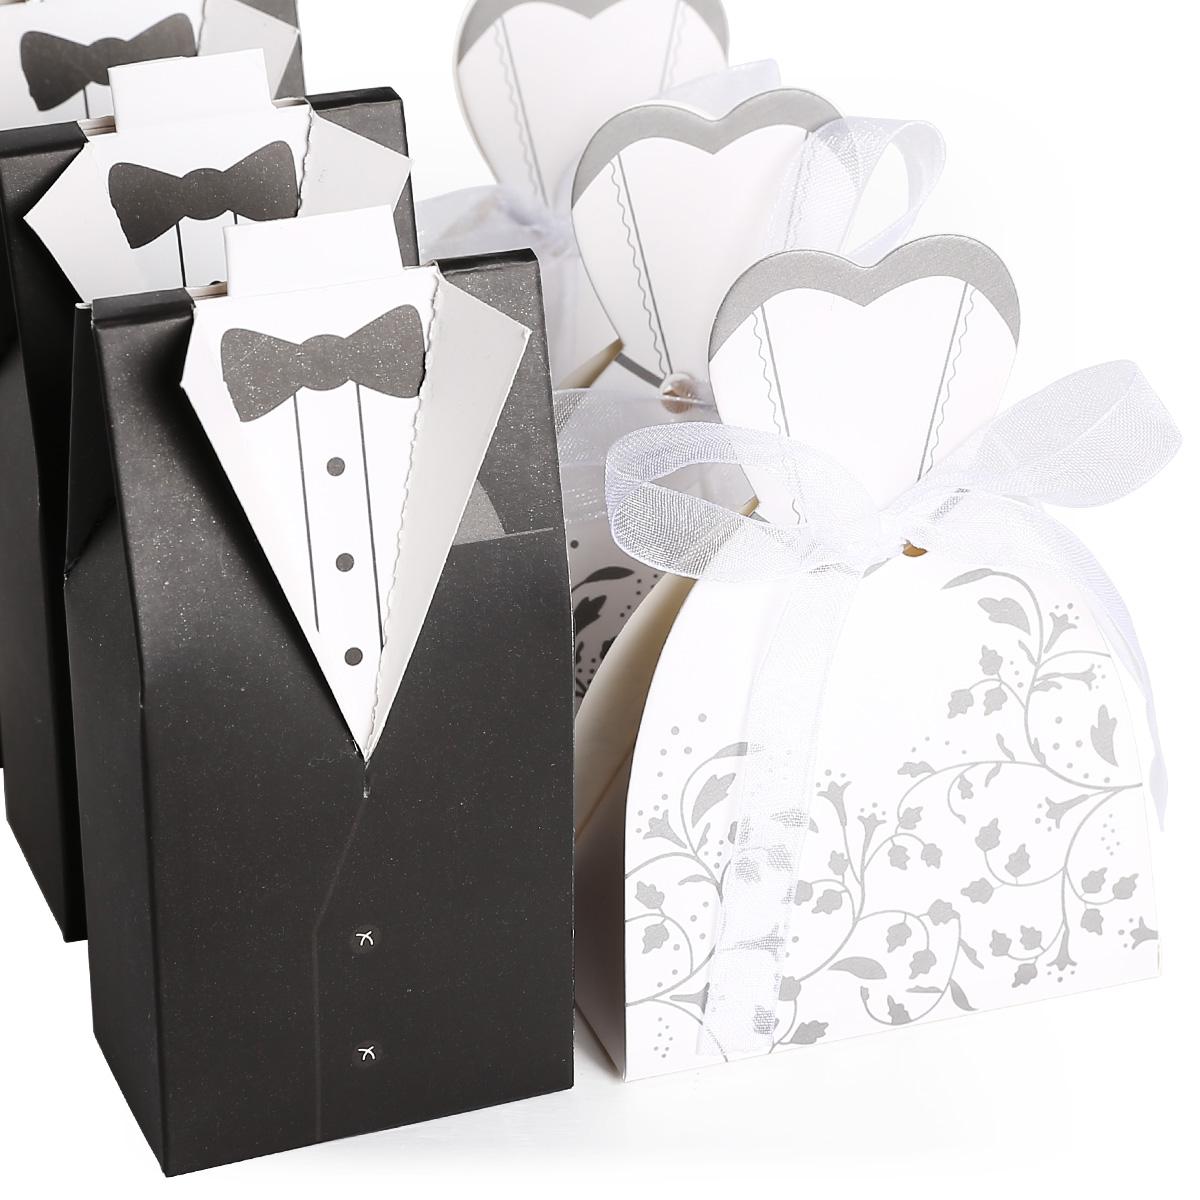 200tlg hochzeit gastgeschenk kartonage braut br utigam schachtel geschenkbox ebay. Black Bedroom Furniture Sets. Home Design Ideas